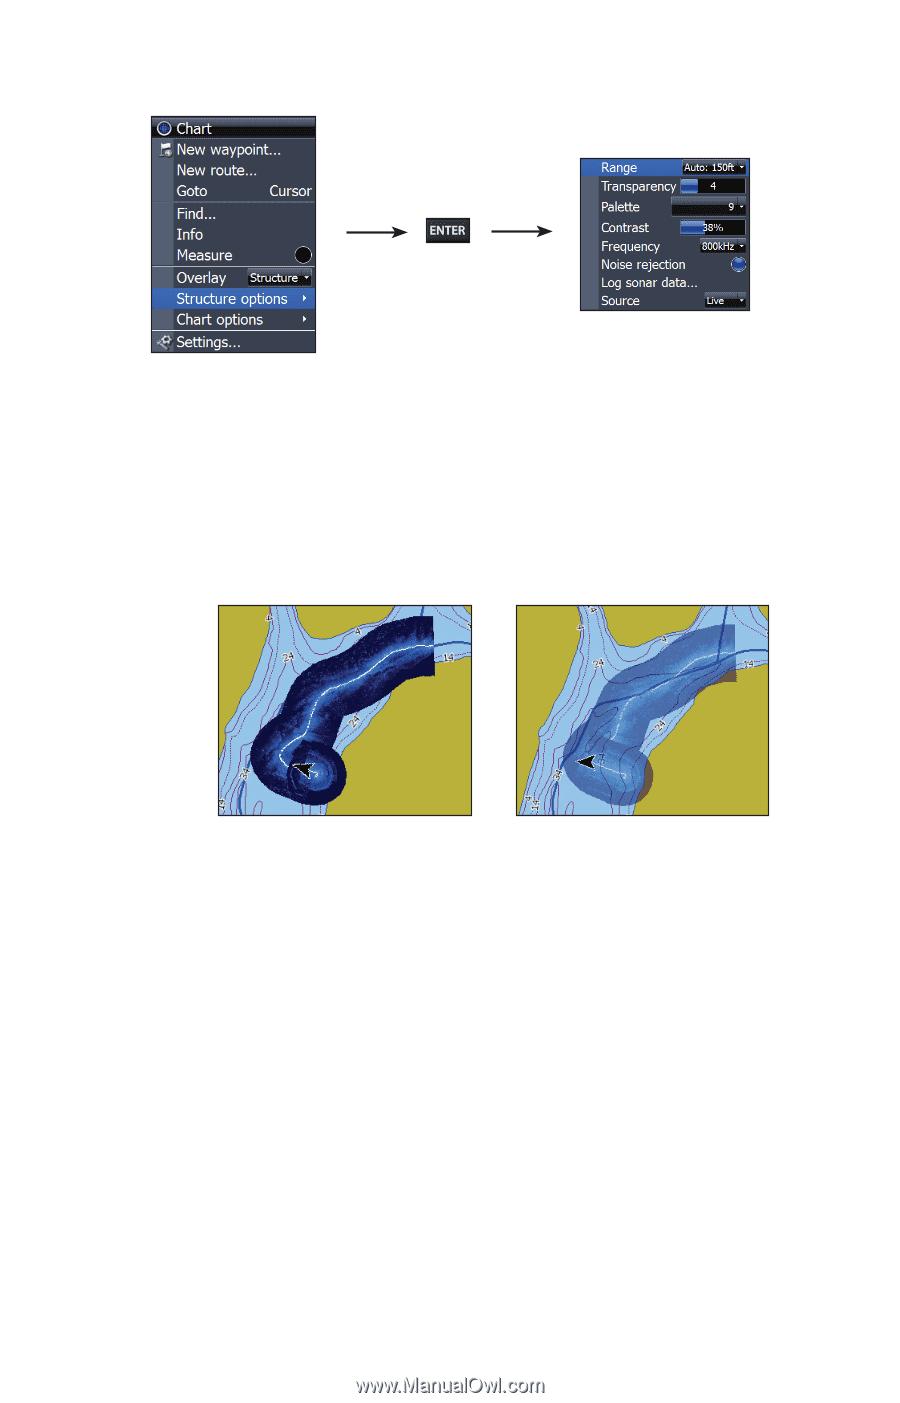 Lowrance HDS-5m Gen2   StructureMap Guide